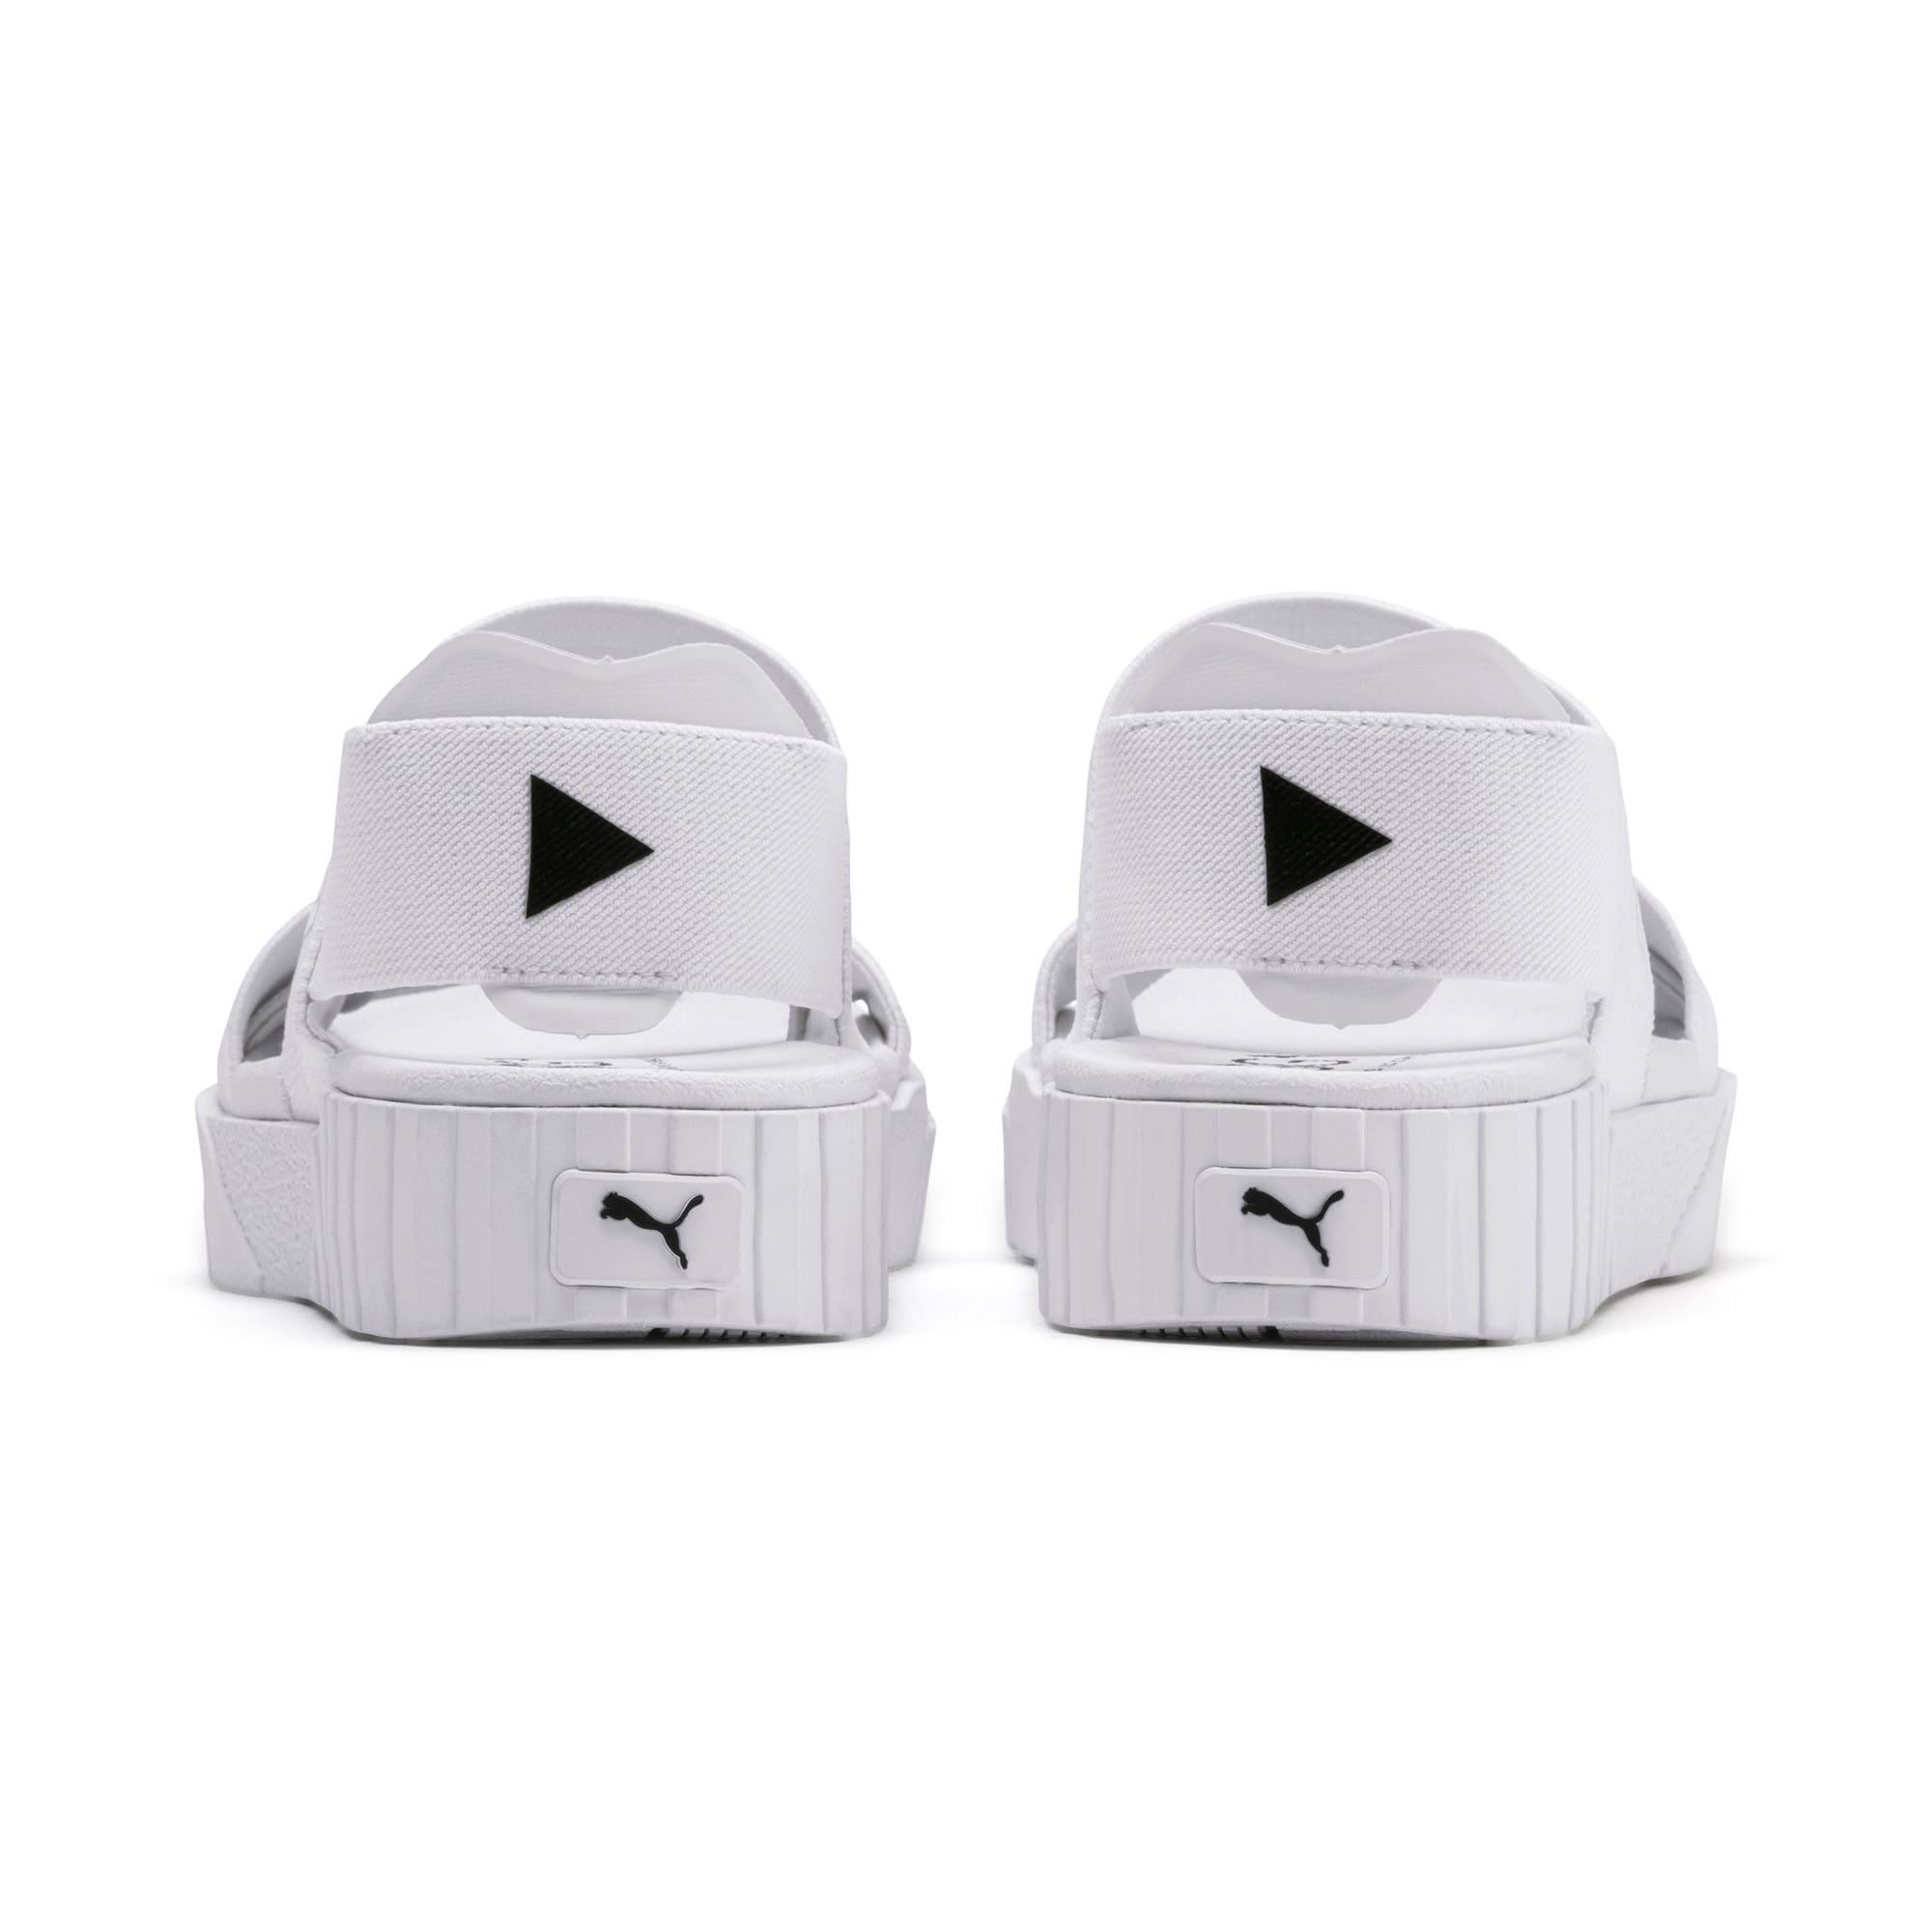 Miniatura 4 de Sandalias SG x Cali, Puma White, mediano